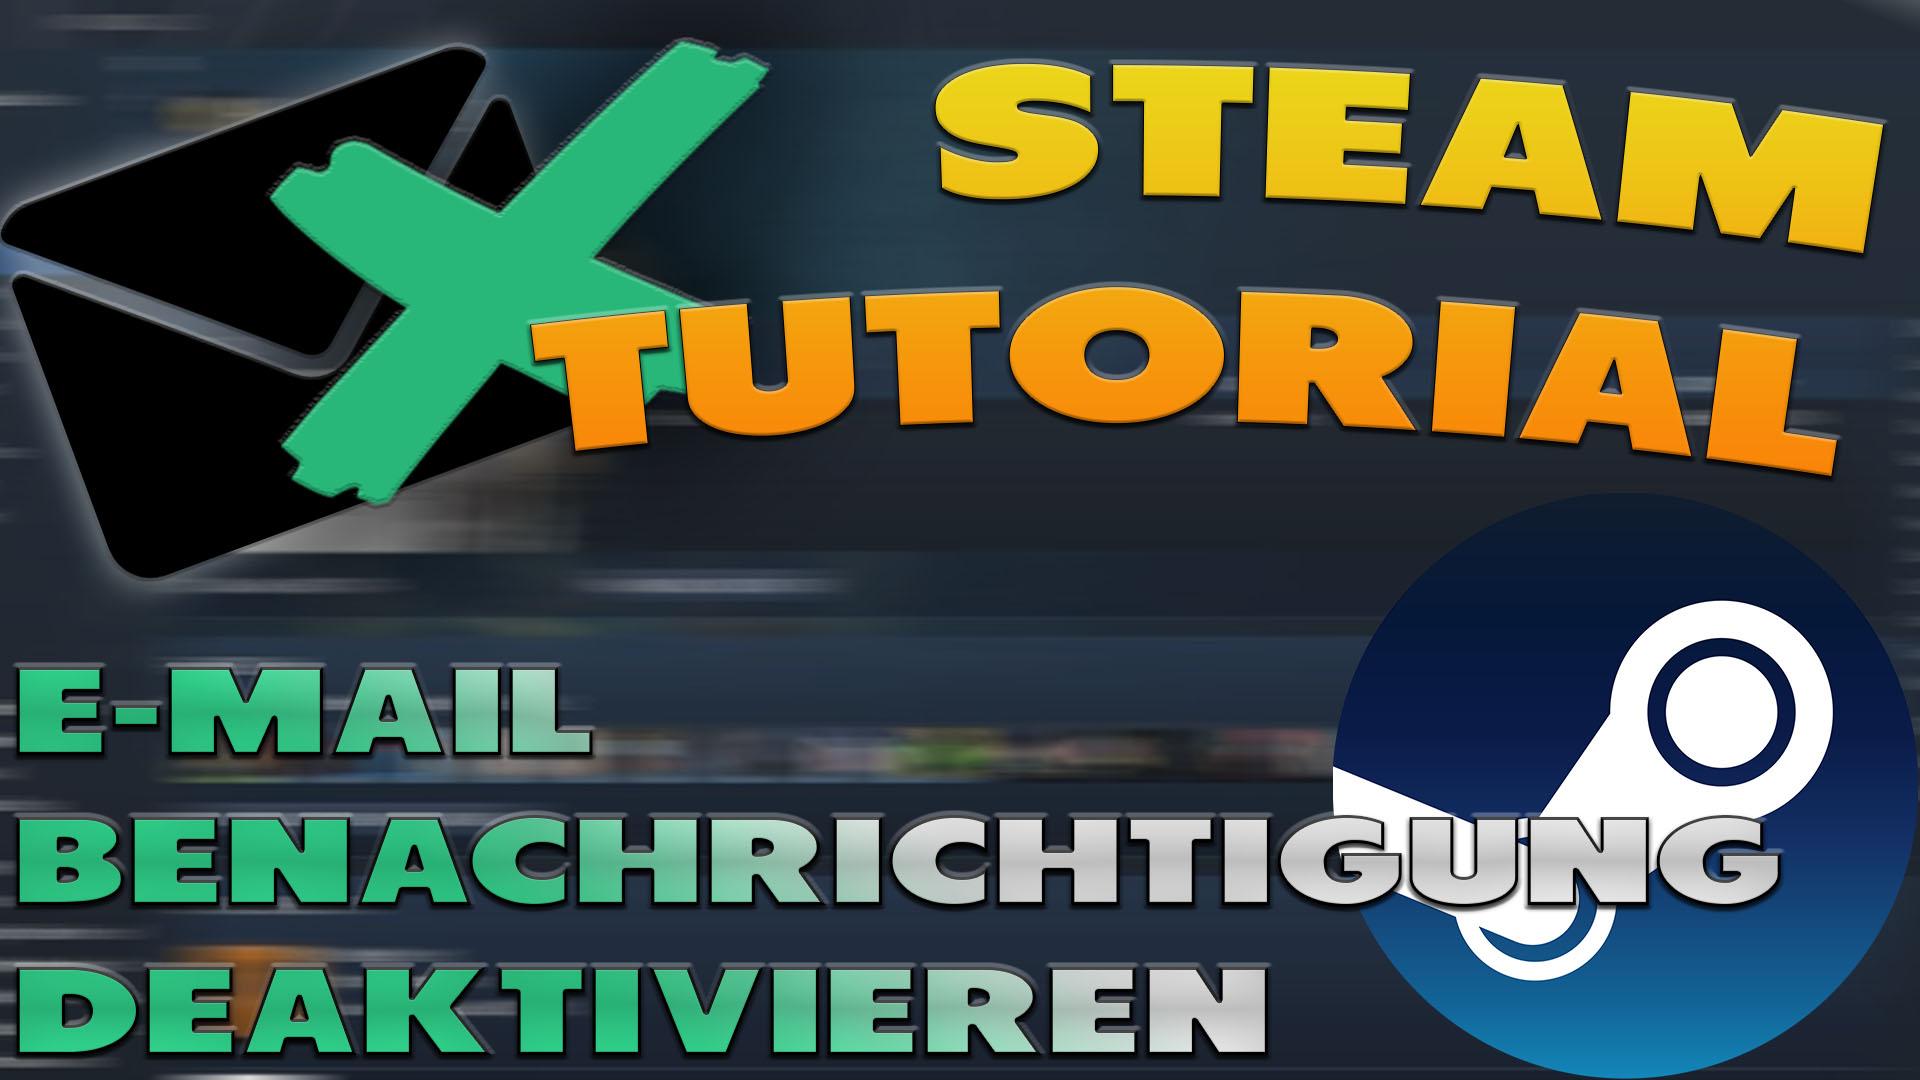 E-Mail Benachrichtigung deaktivieren Steam - Haton.net